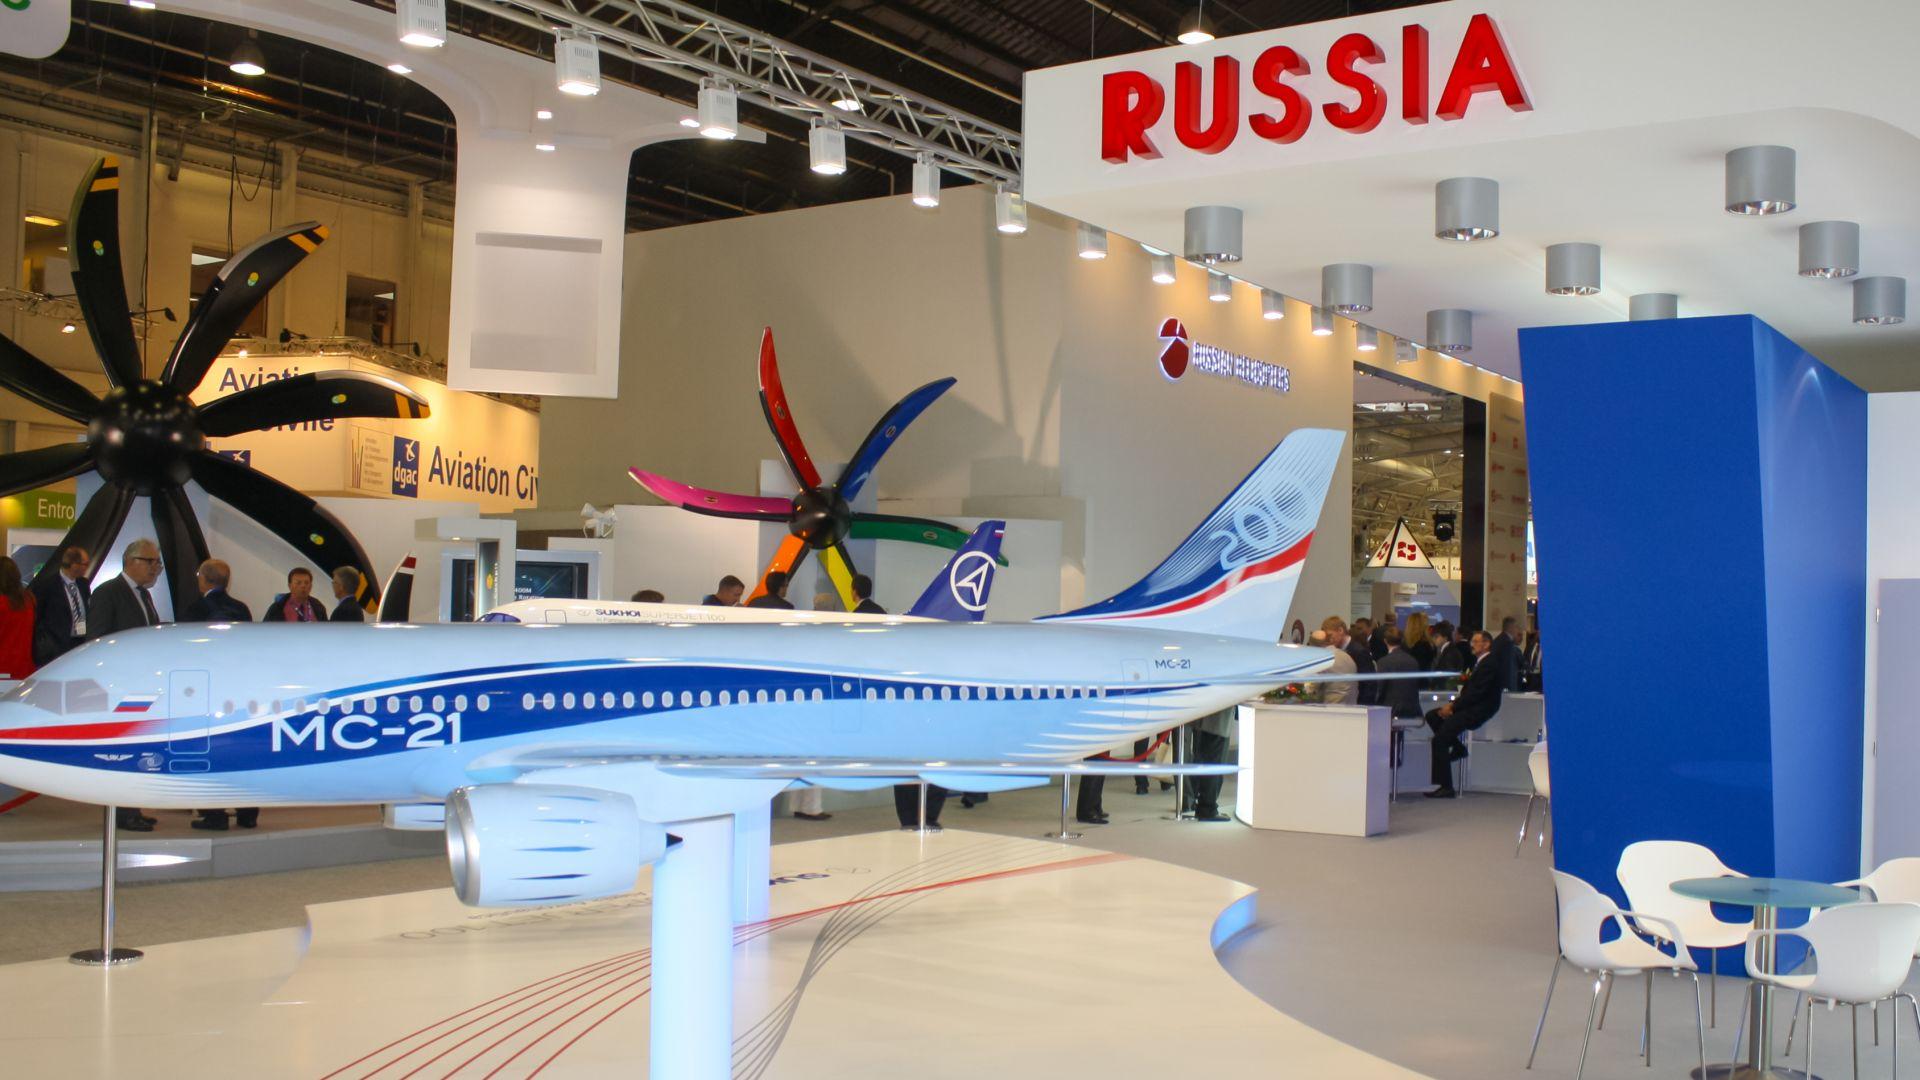 Русия ще започне да изнася новия си пътнически самолети МС-21 през 2023 г.